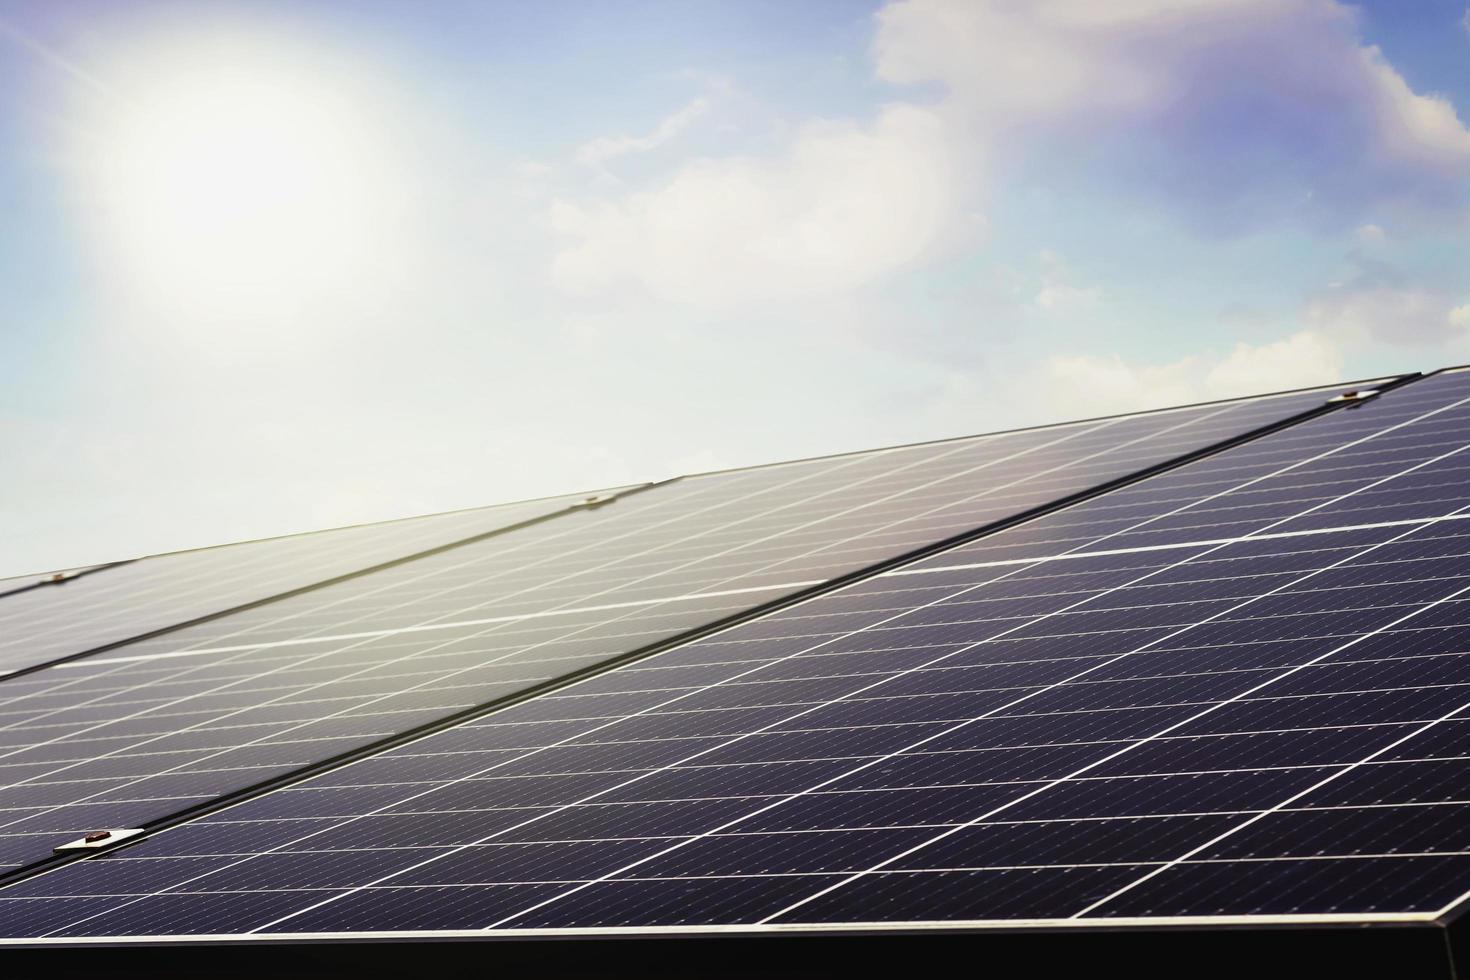 panneaux solaires photovoltaïques sous le ciel bleu photo